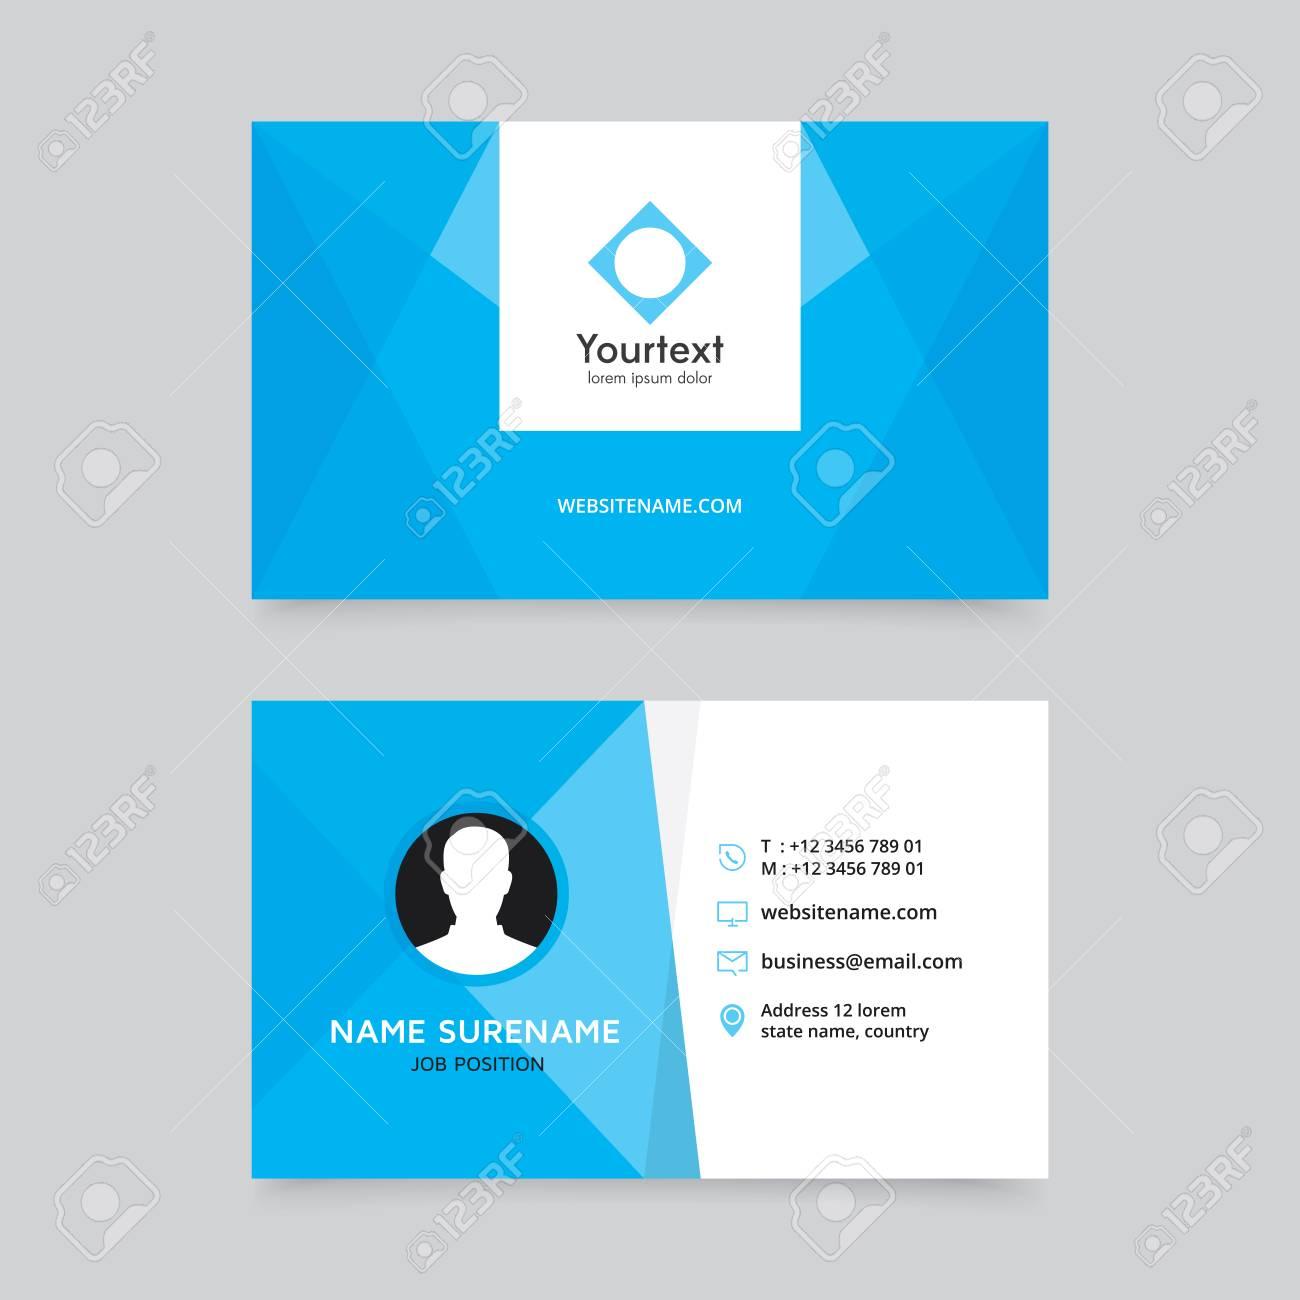 Conception De Carte Visite Elegante Propre Bleu Modele Moderne Creative Et Vecteur Design Plat Avec Couleur Bleue